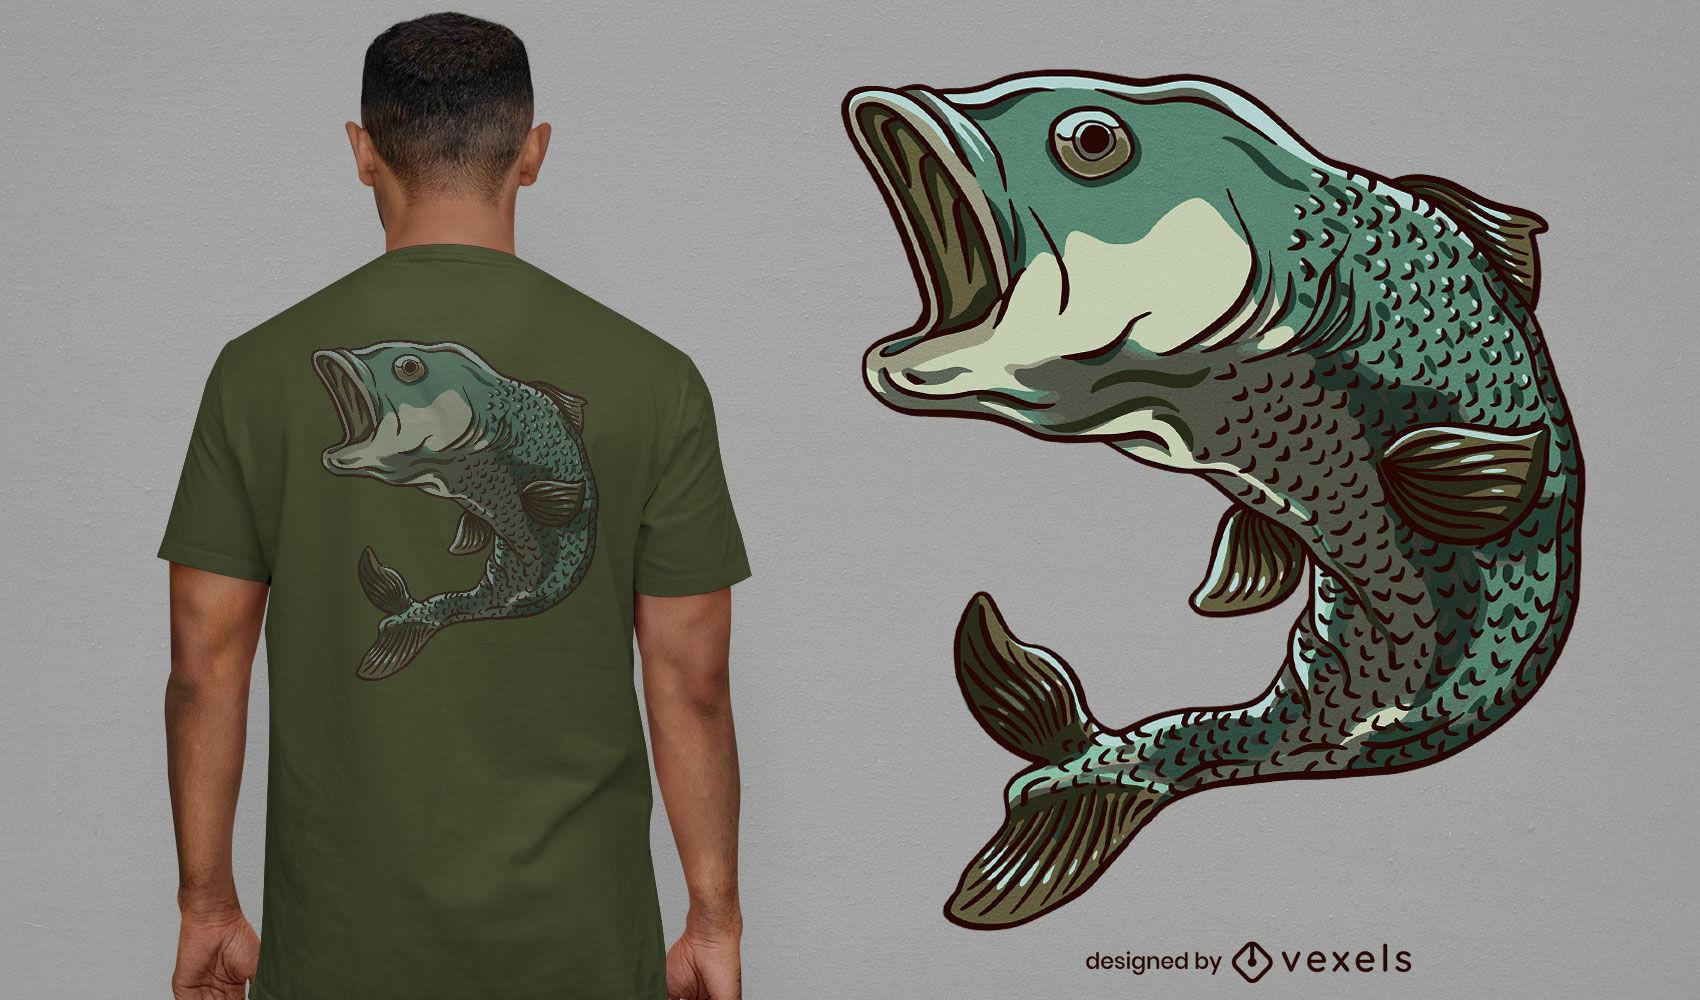 Zanderfisch T-Shirt Design